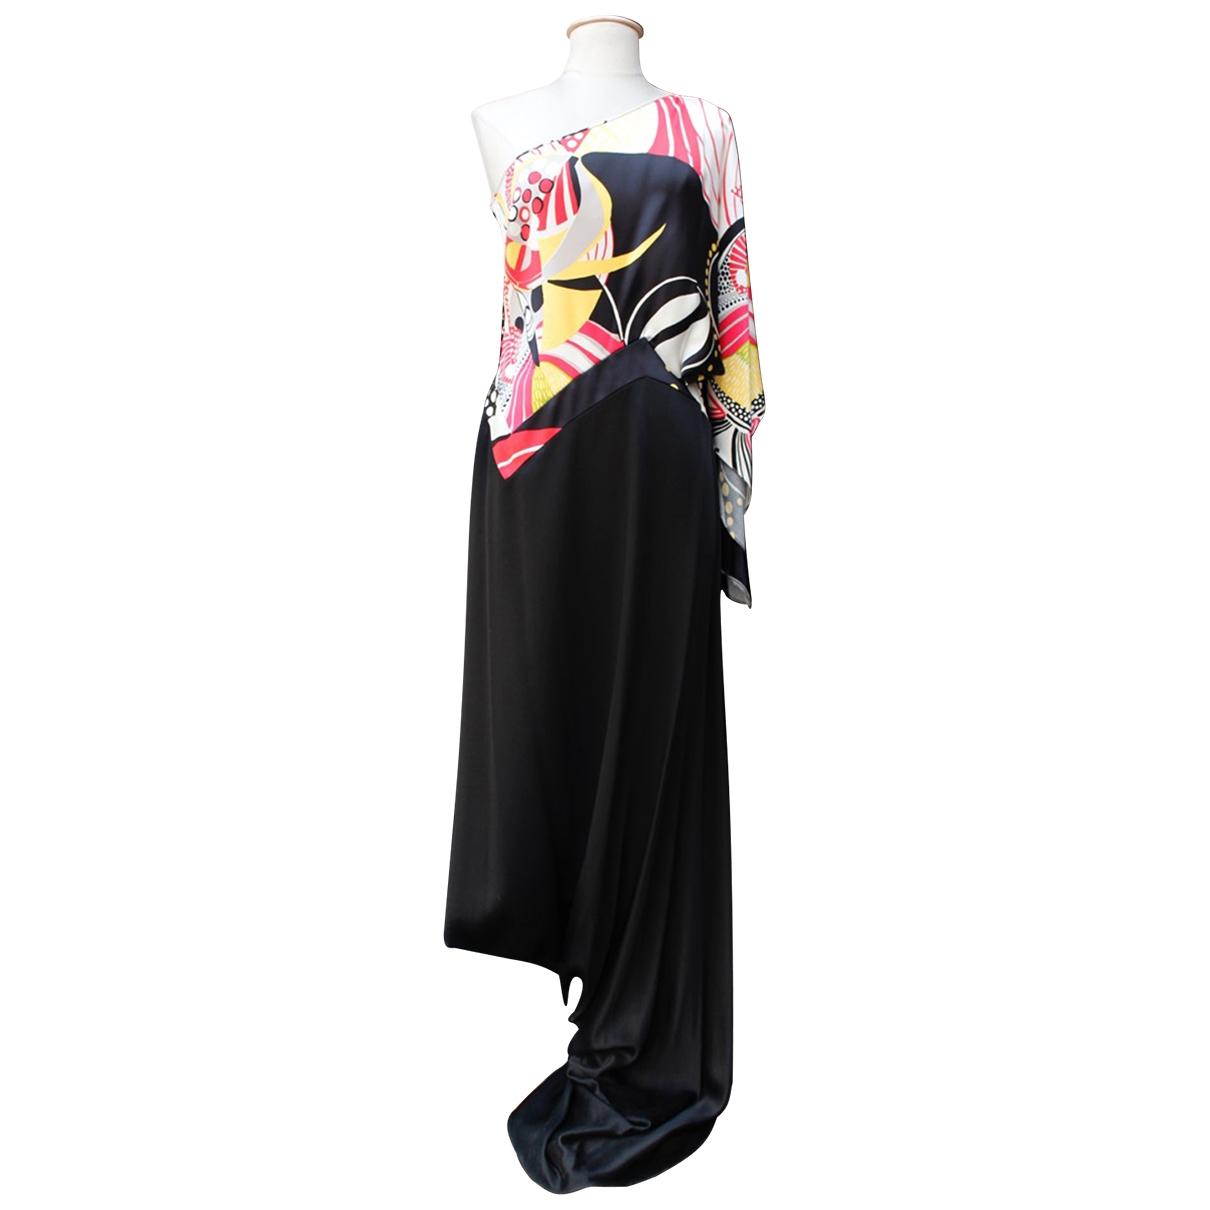 John Galliano - Robe   pour femme en soie - multicolore